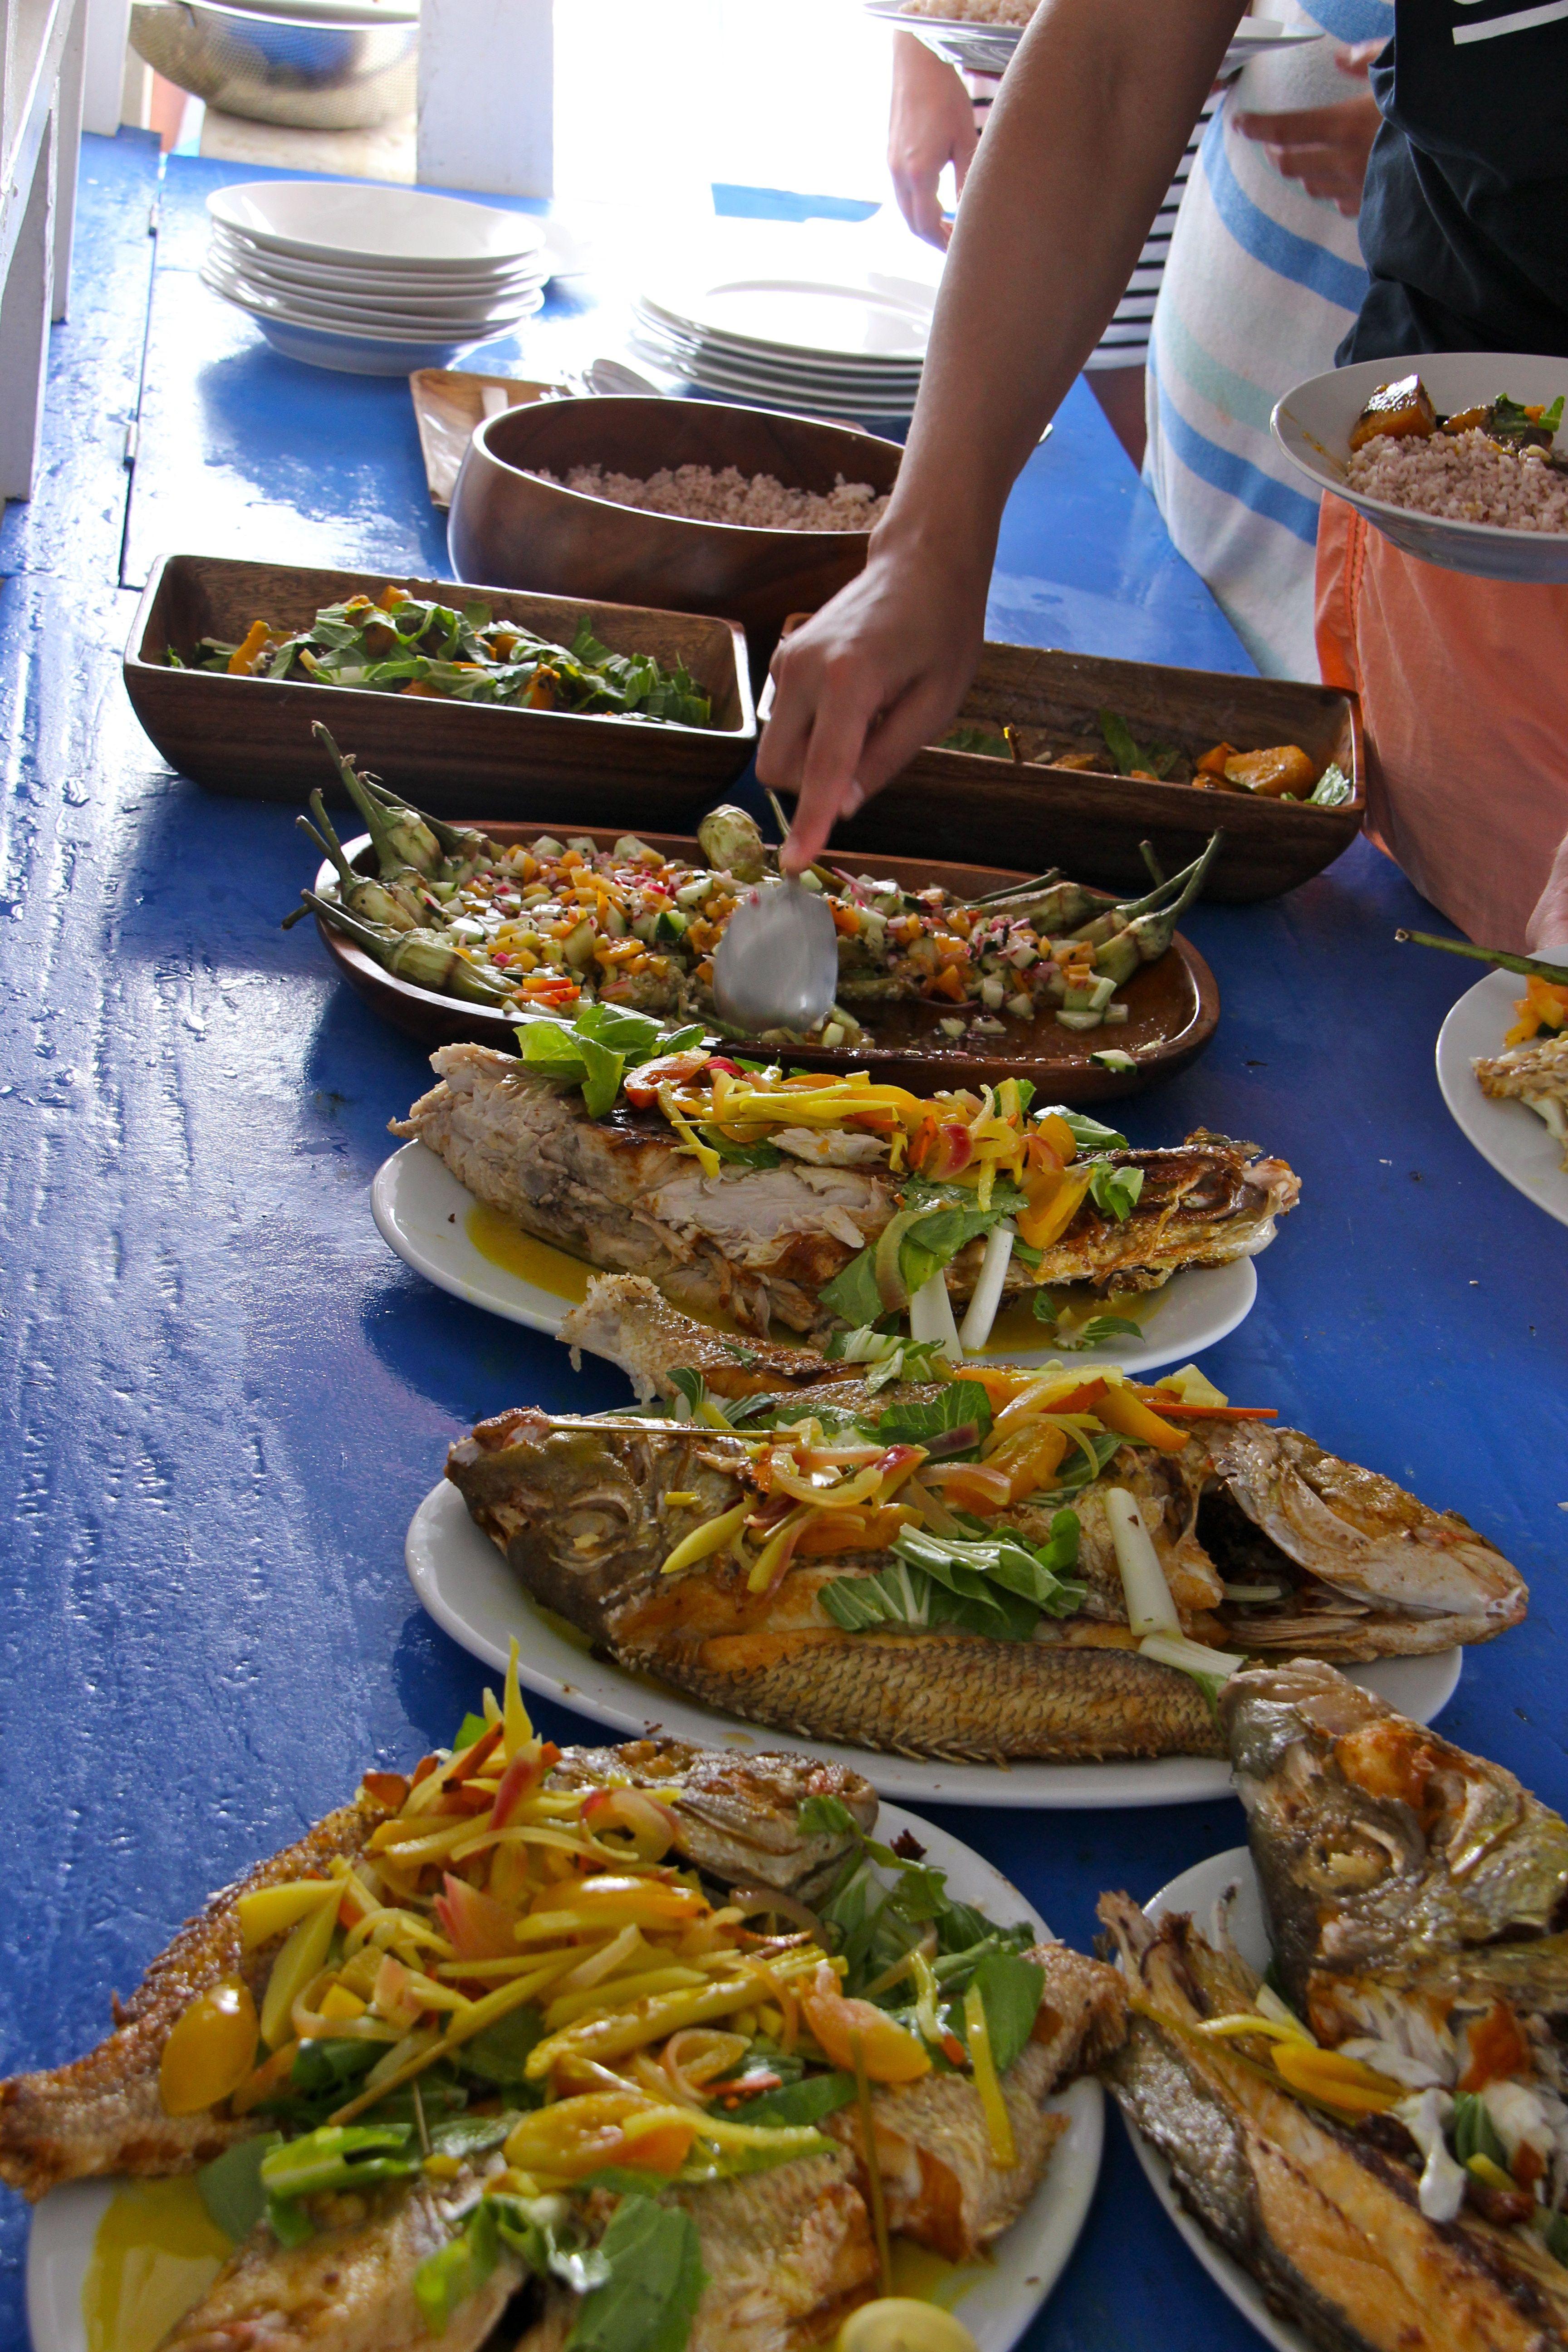 Un repas à bord très coloré à base de produits frais et locaux - Tao expeditions